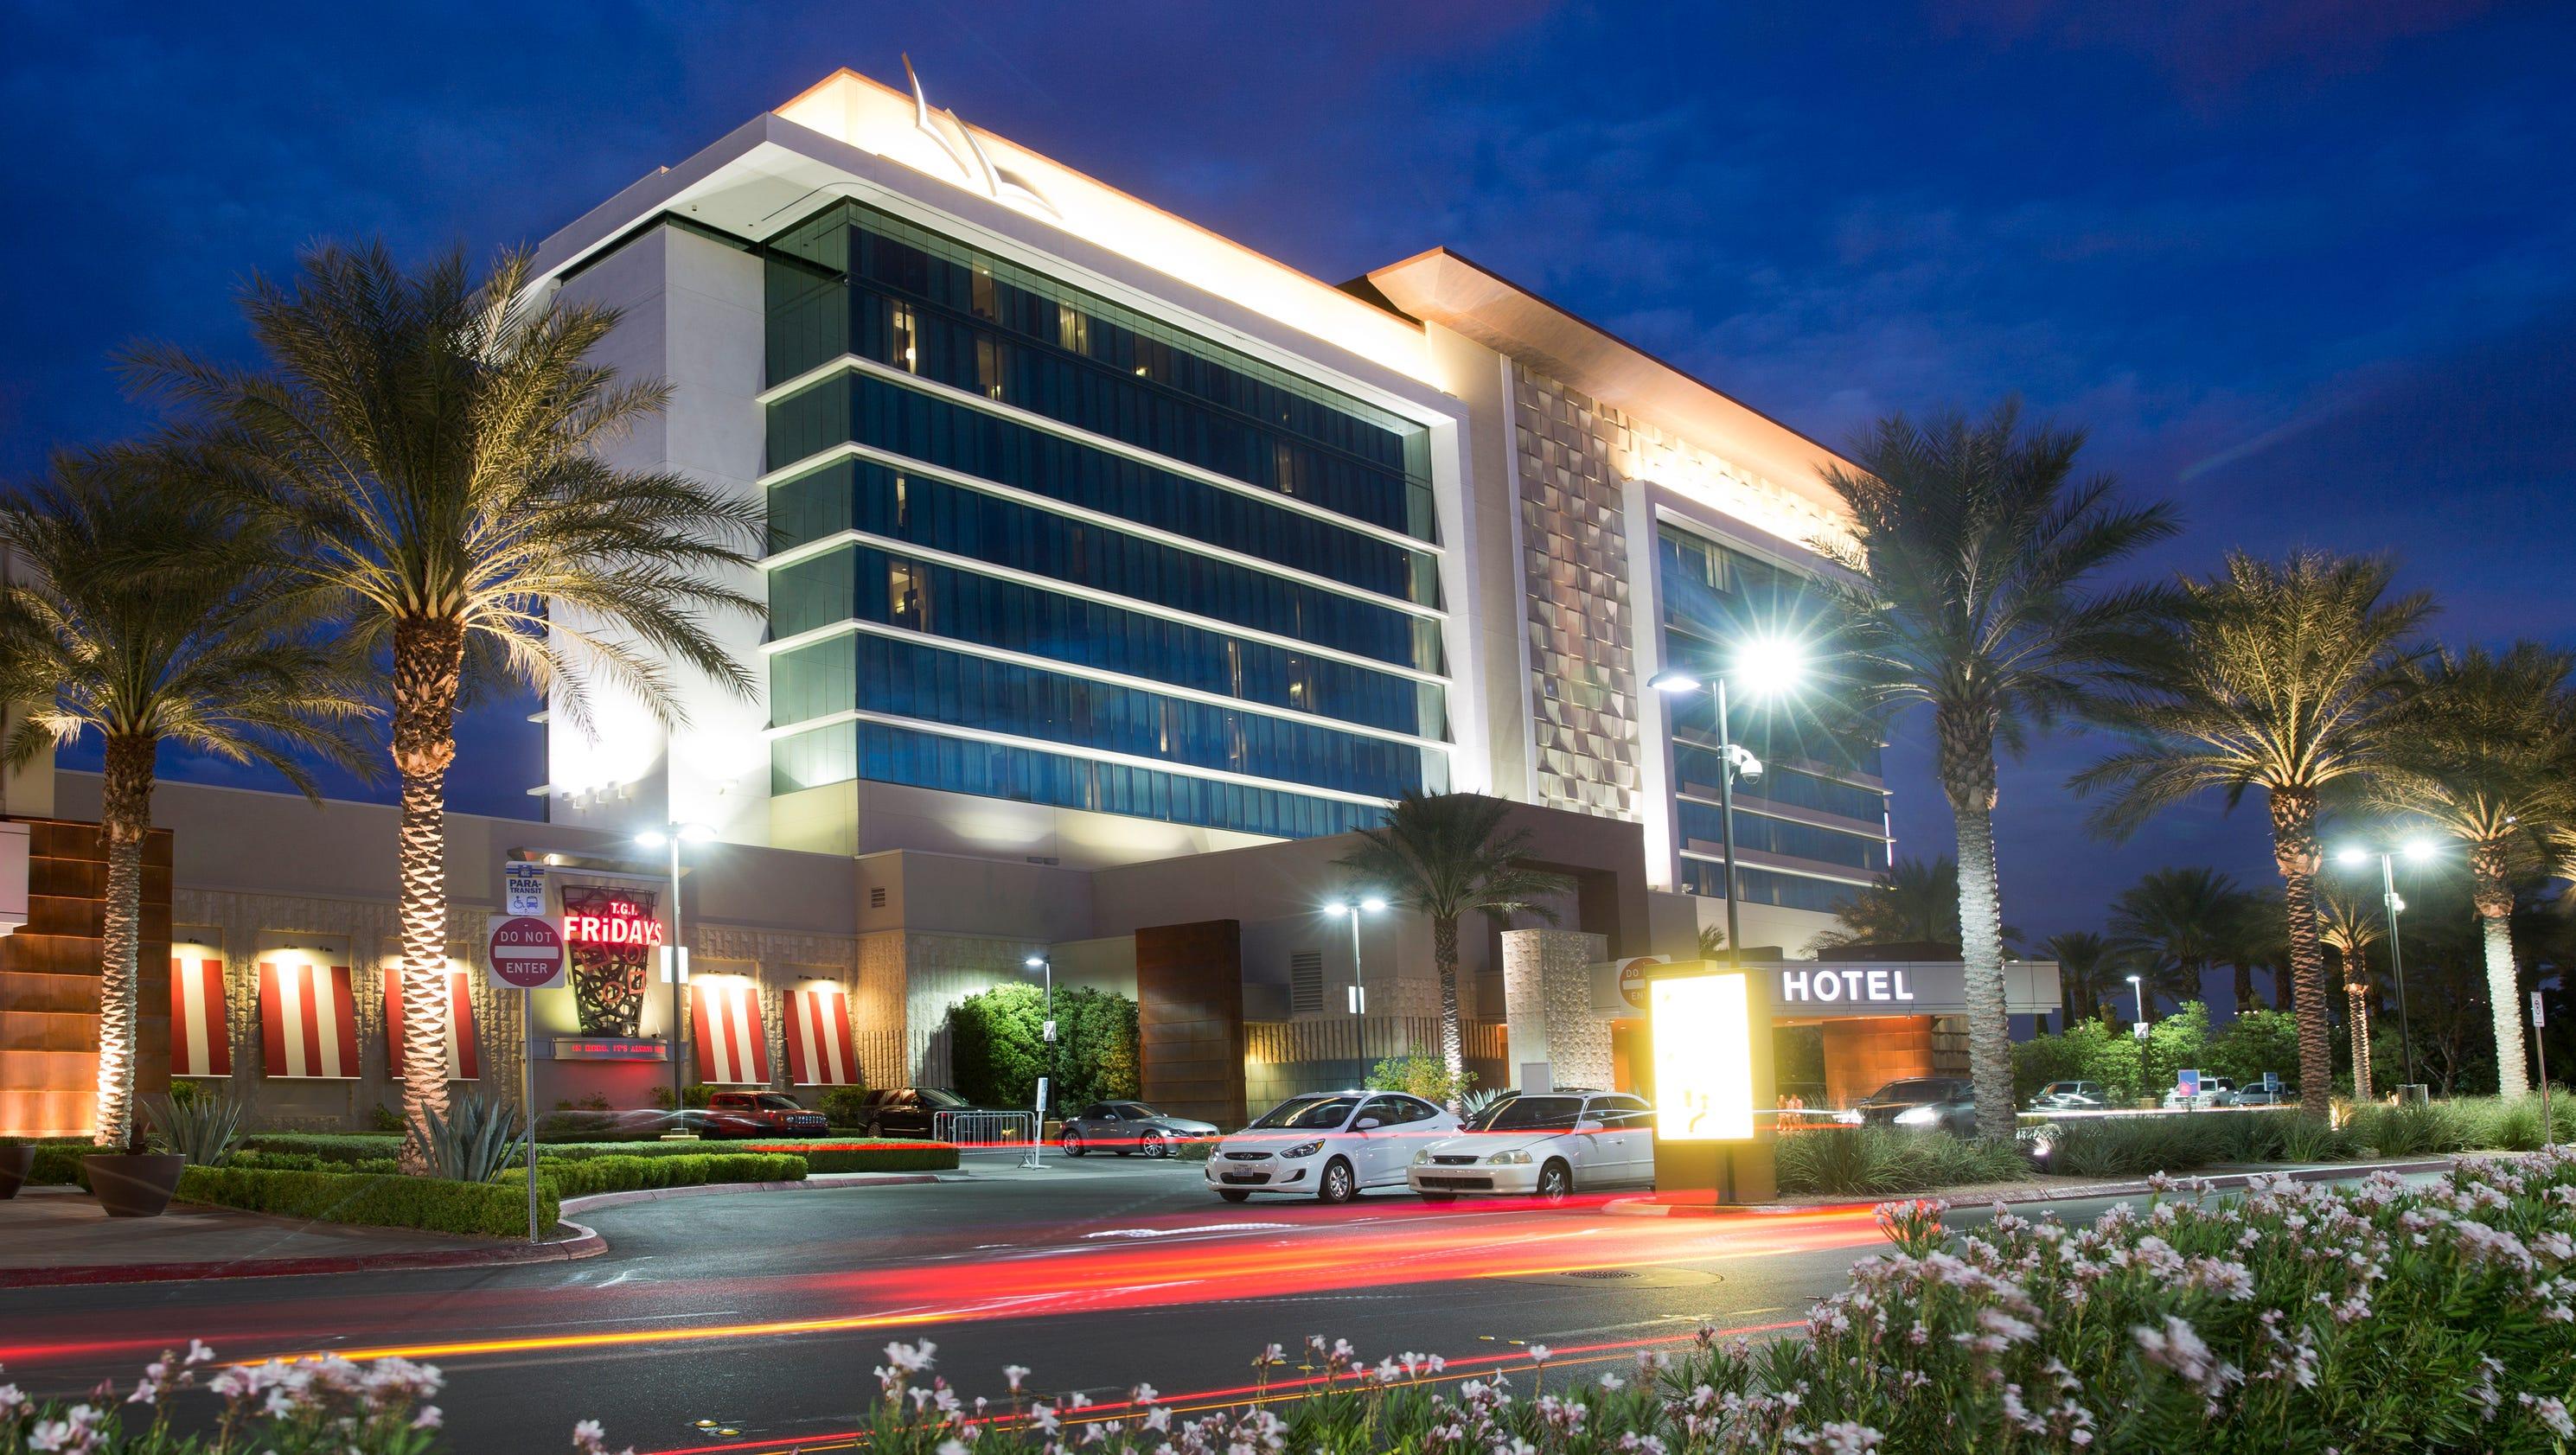 Aliante Spa Las Vegas